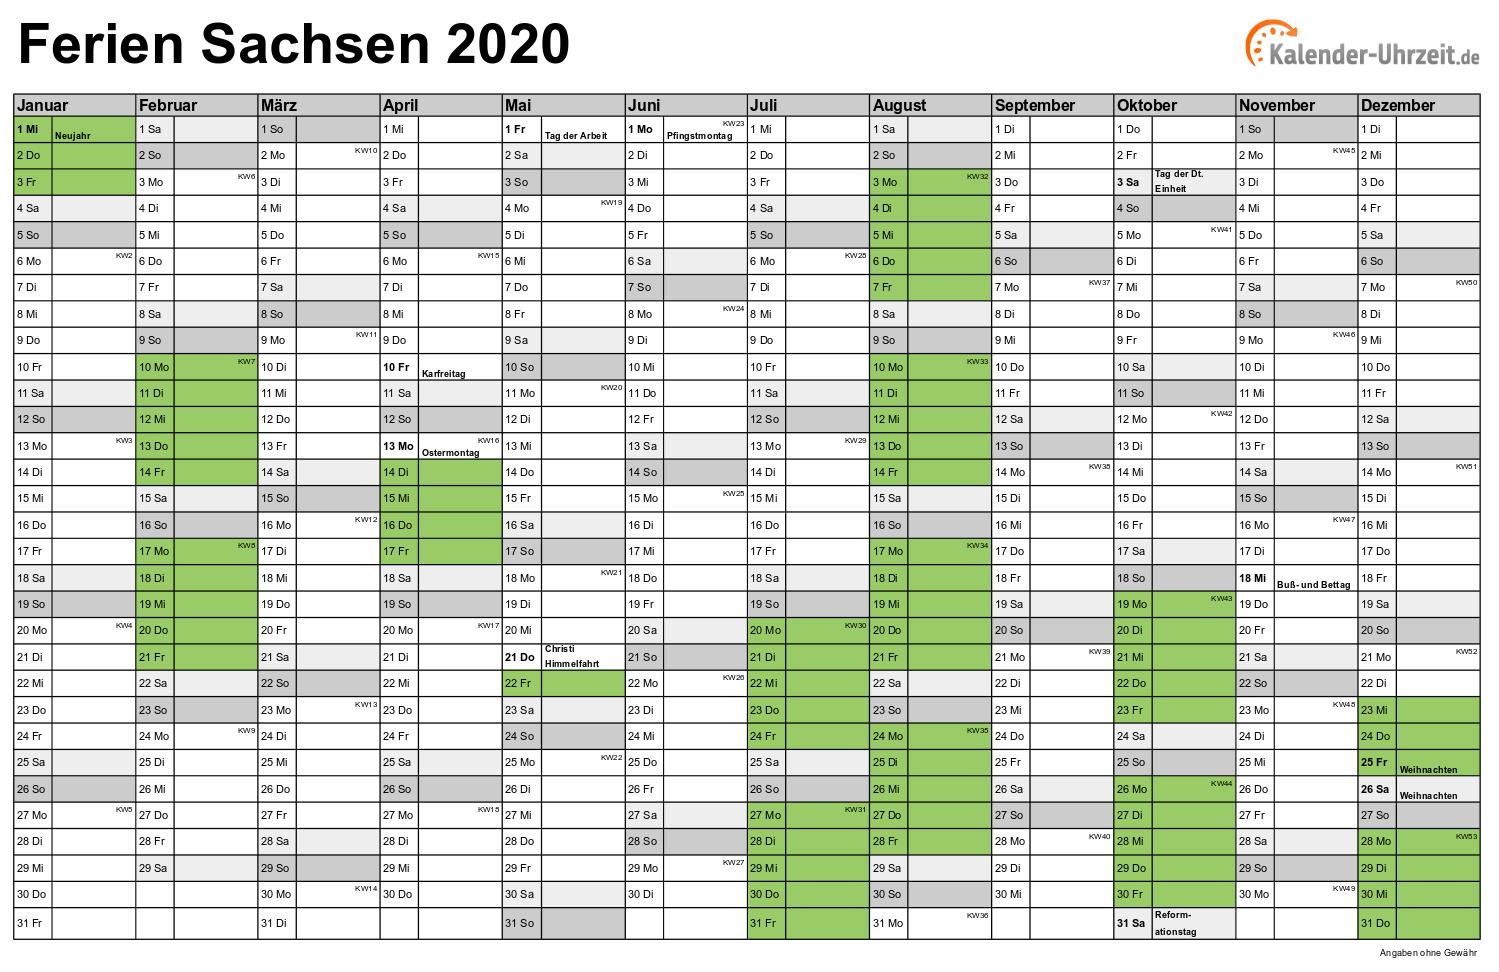 Ferienkalender berlin 2020